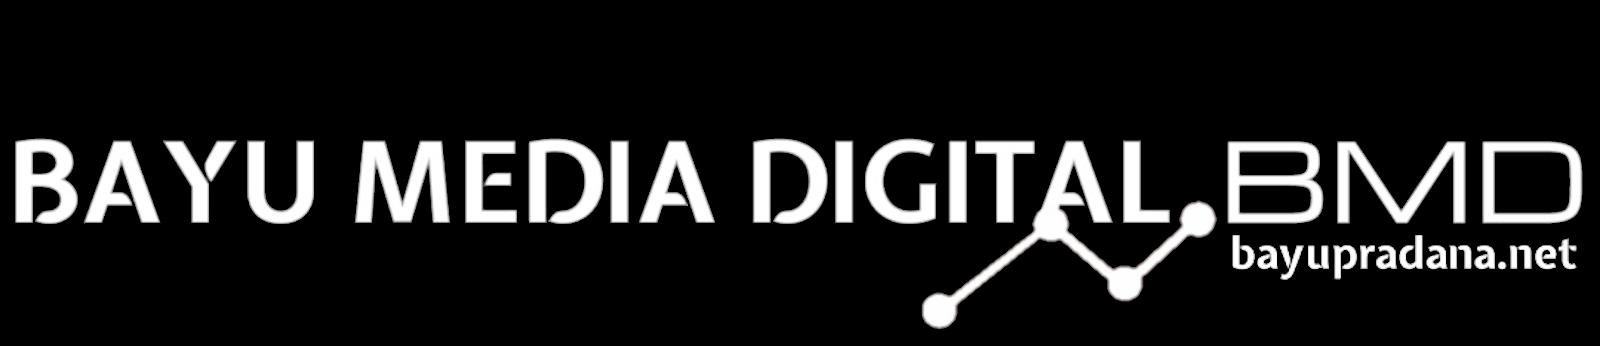 Digital Marketing Bali, Digital Marketing Agency Bali